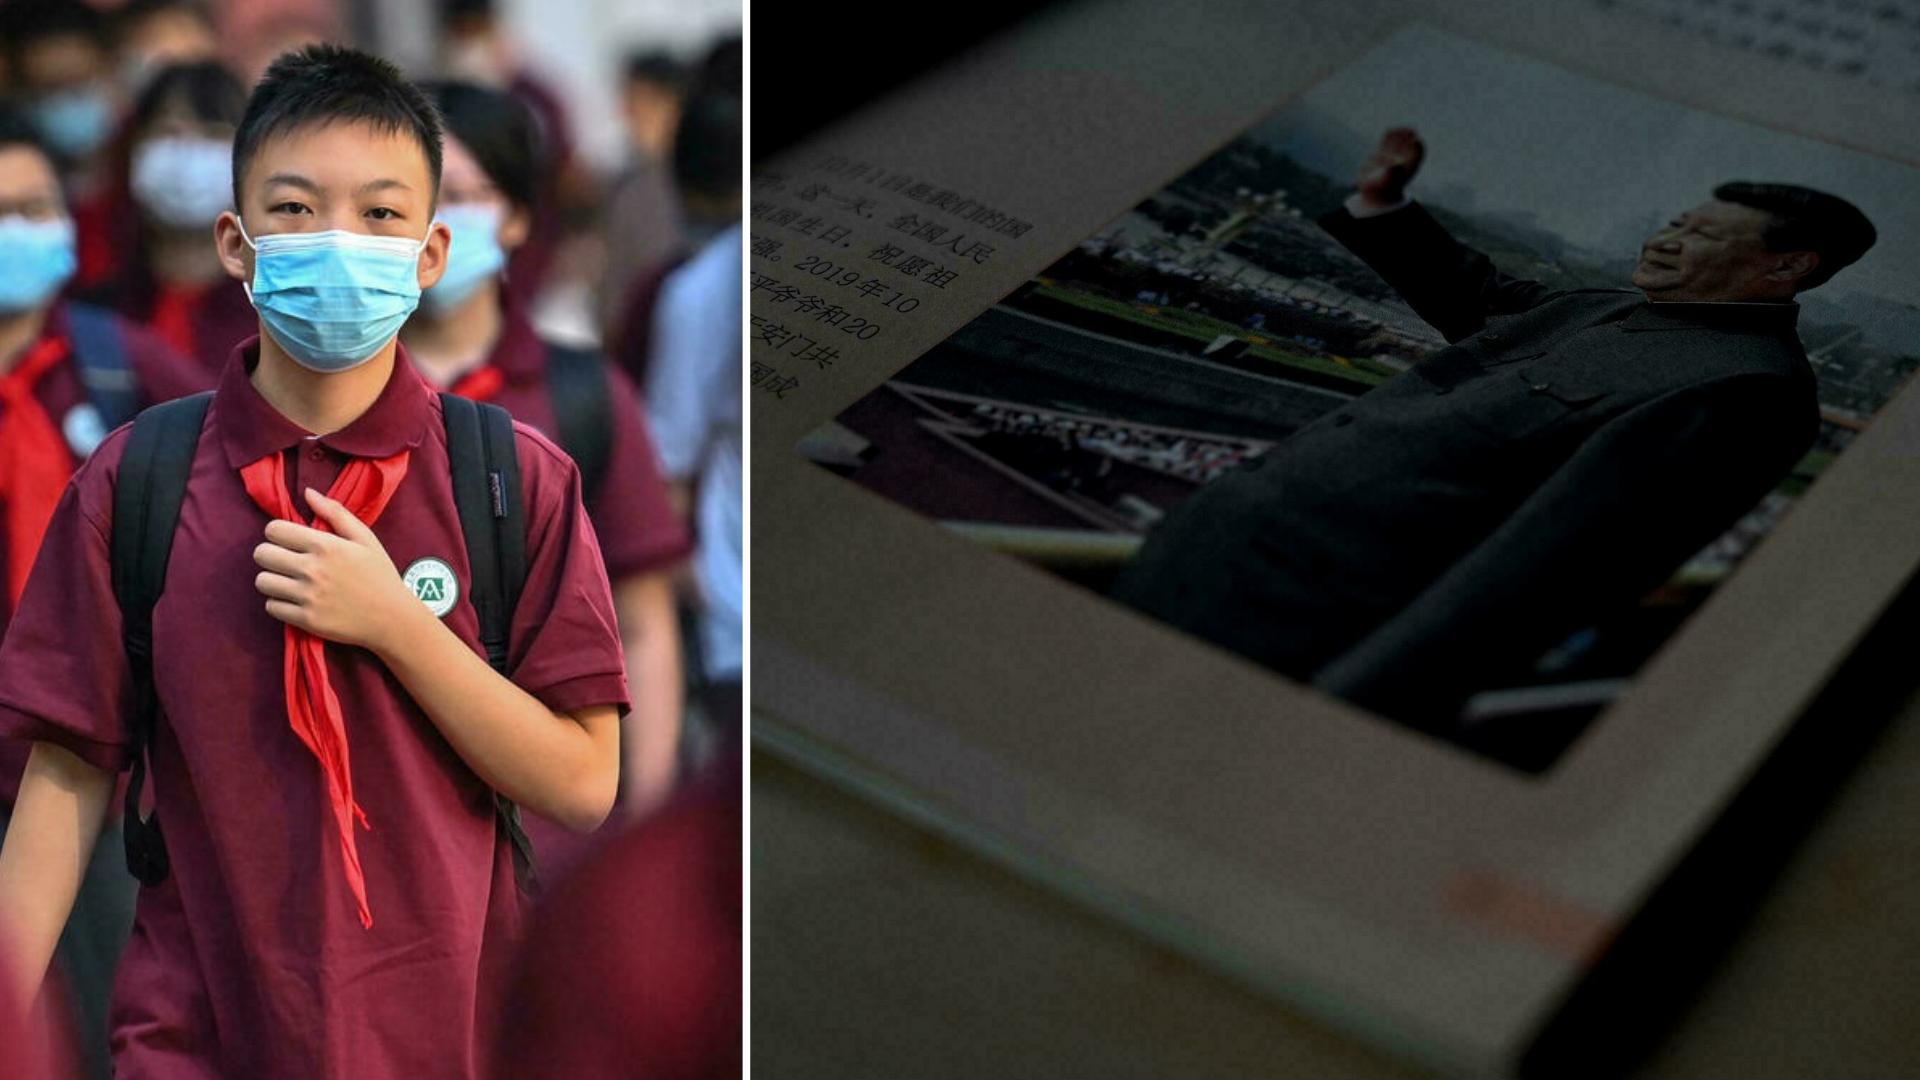 Culto a Xi Jinping: Crianças usarão material didático sobre ideias do presidente chinês